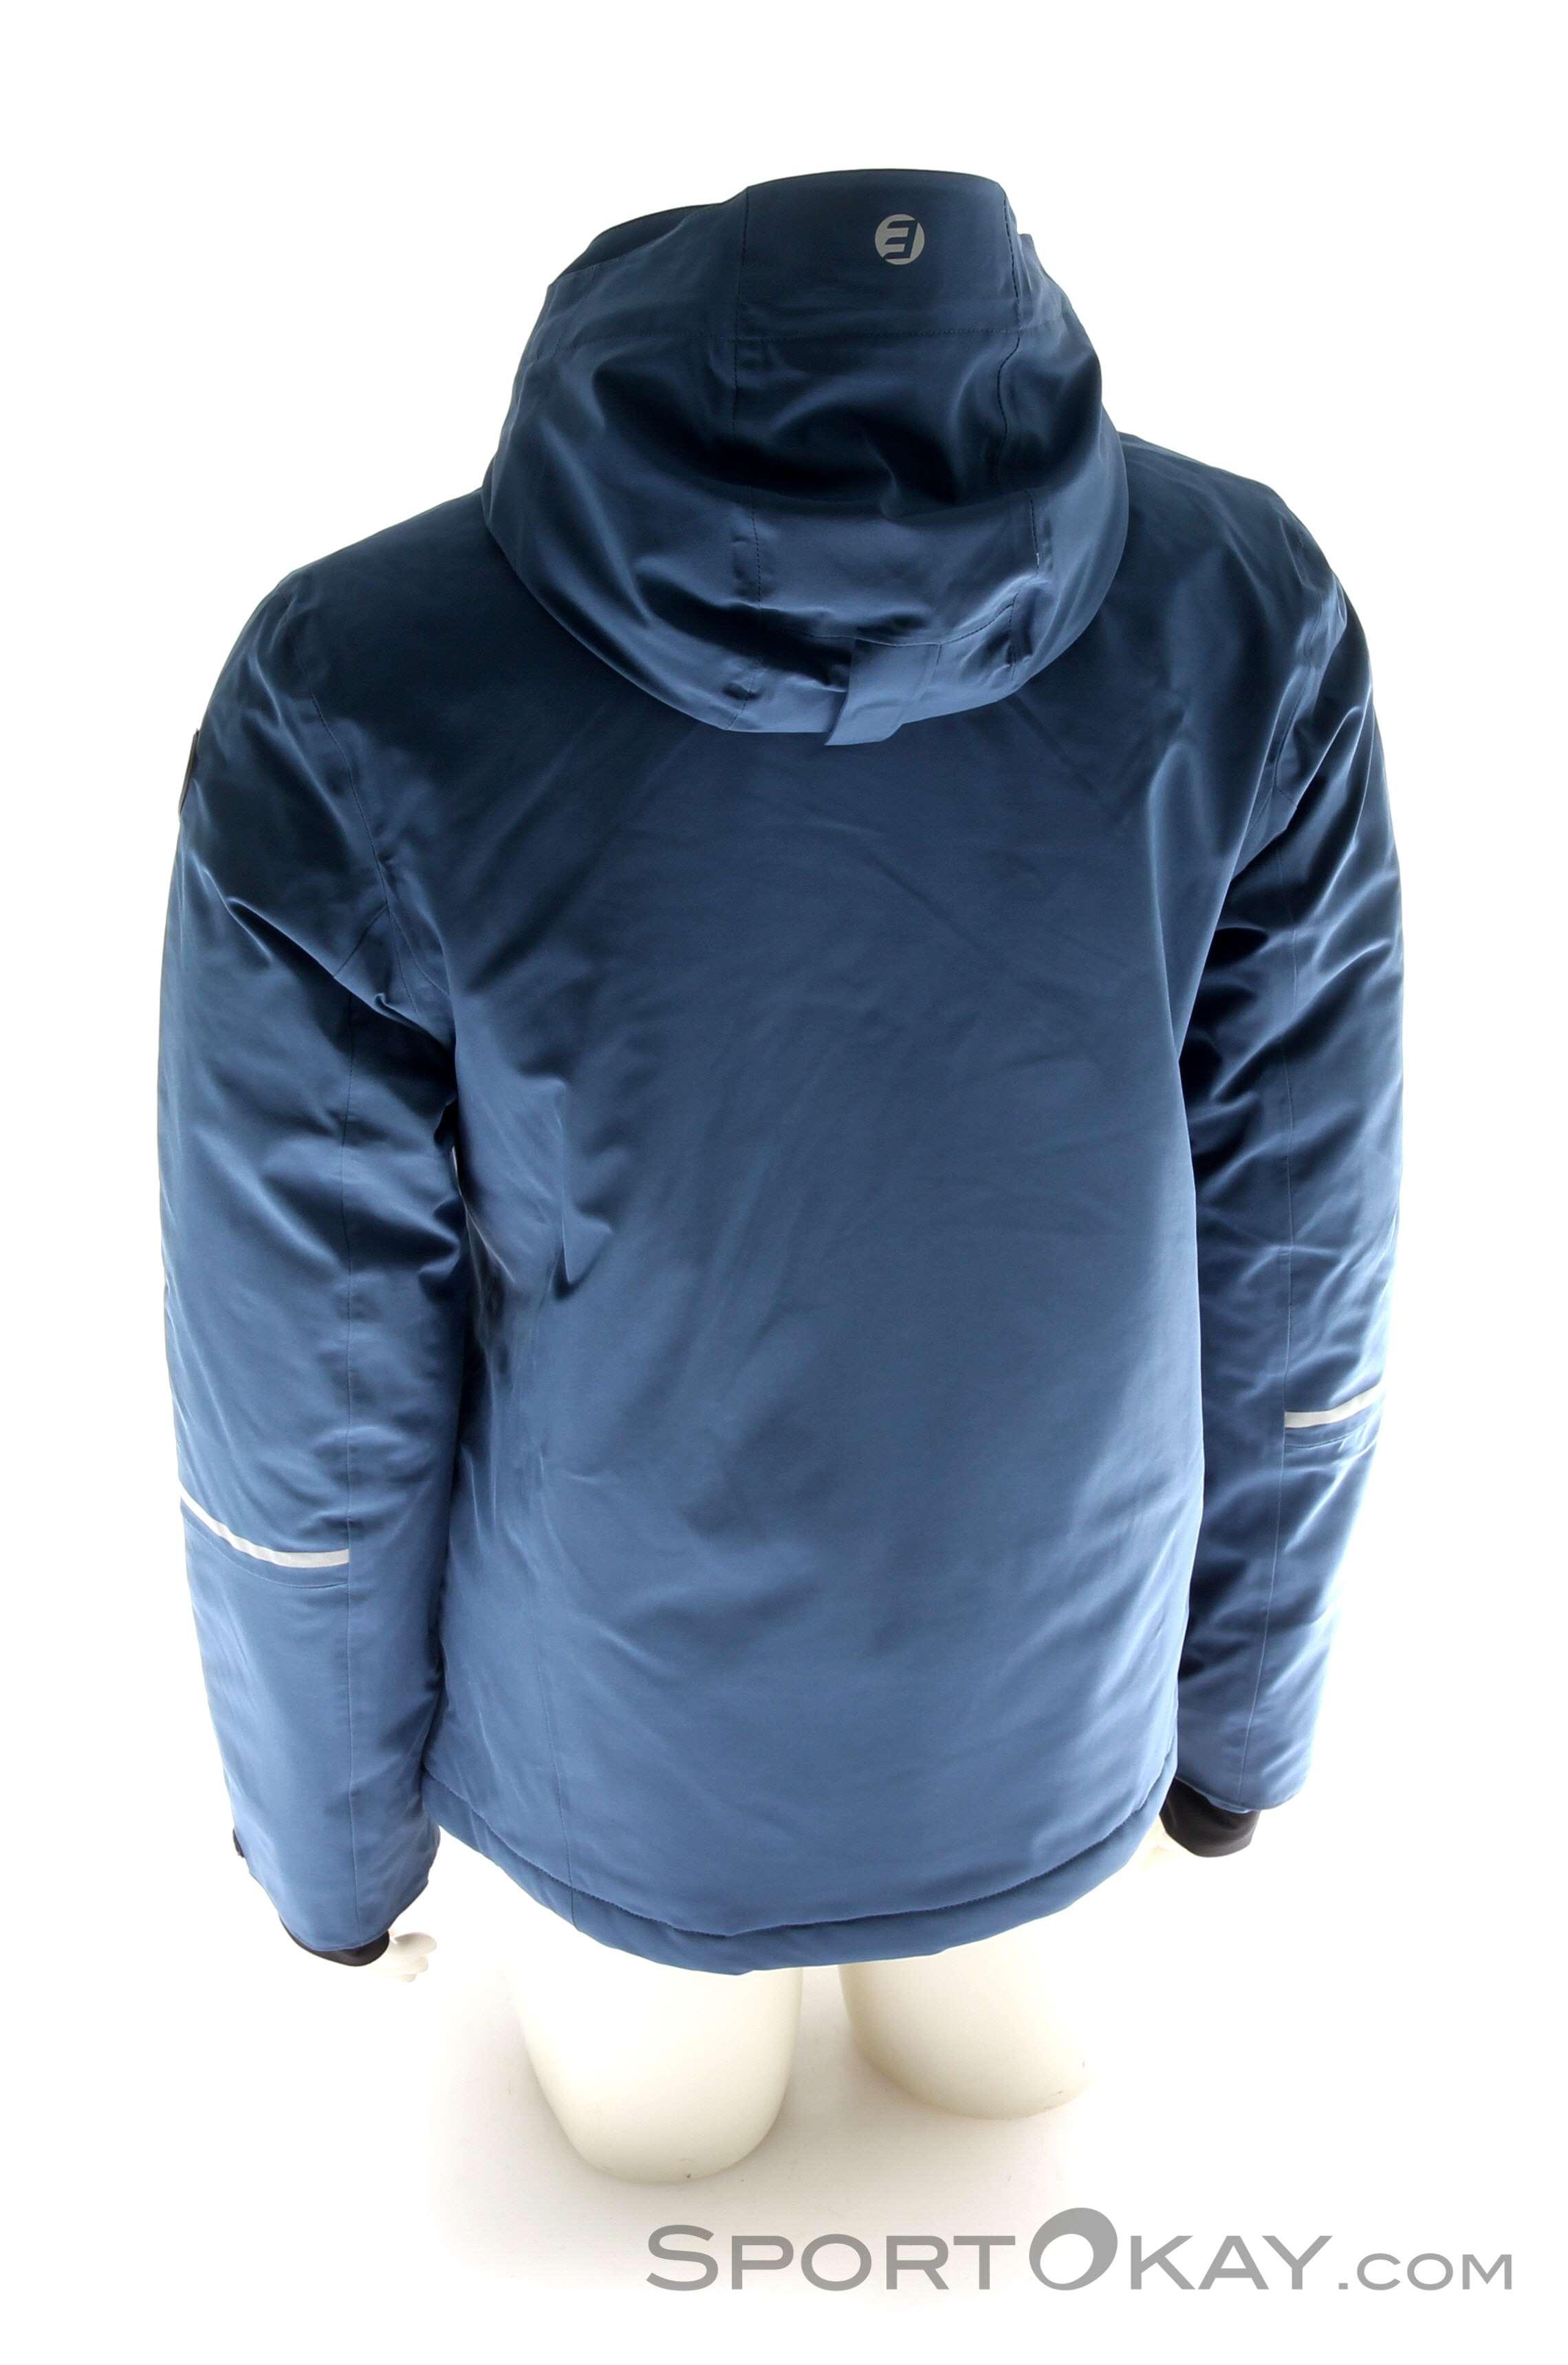 Icepeak Sci Abbigliamento Uomo Giacca Da Nemo Giacche 6vT6Bq1n